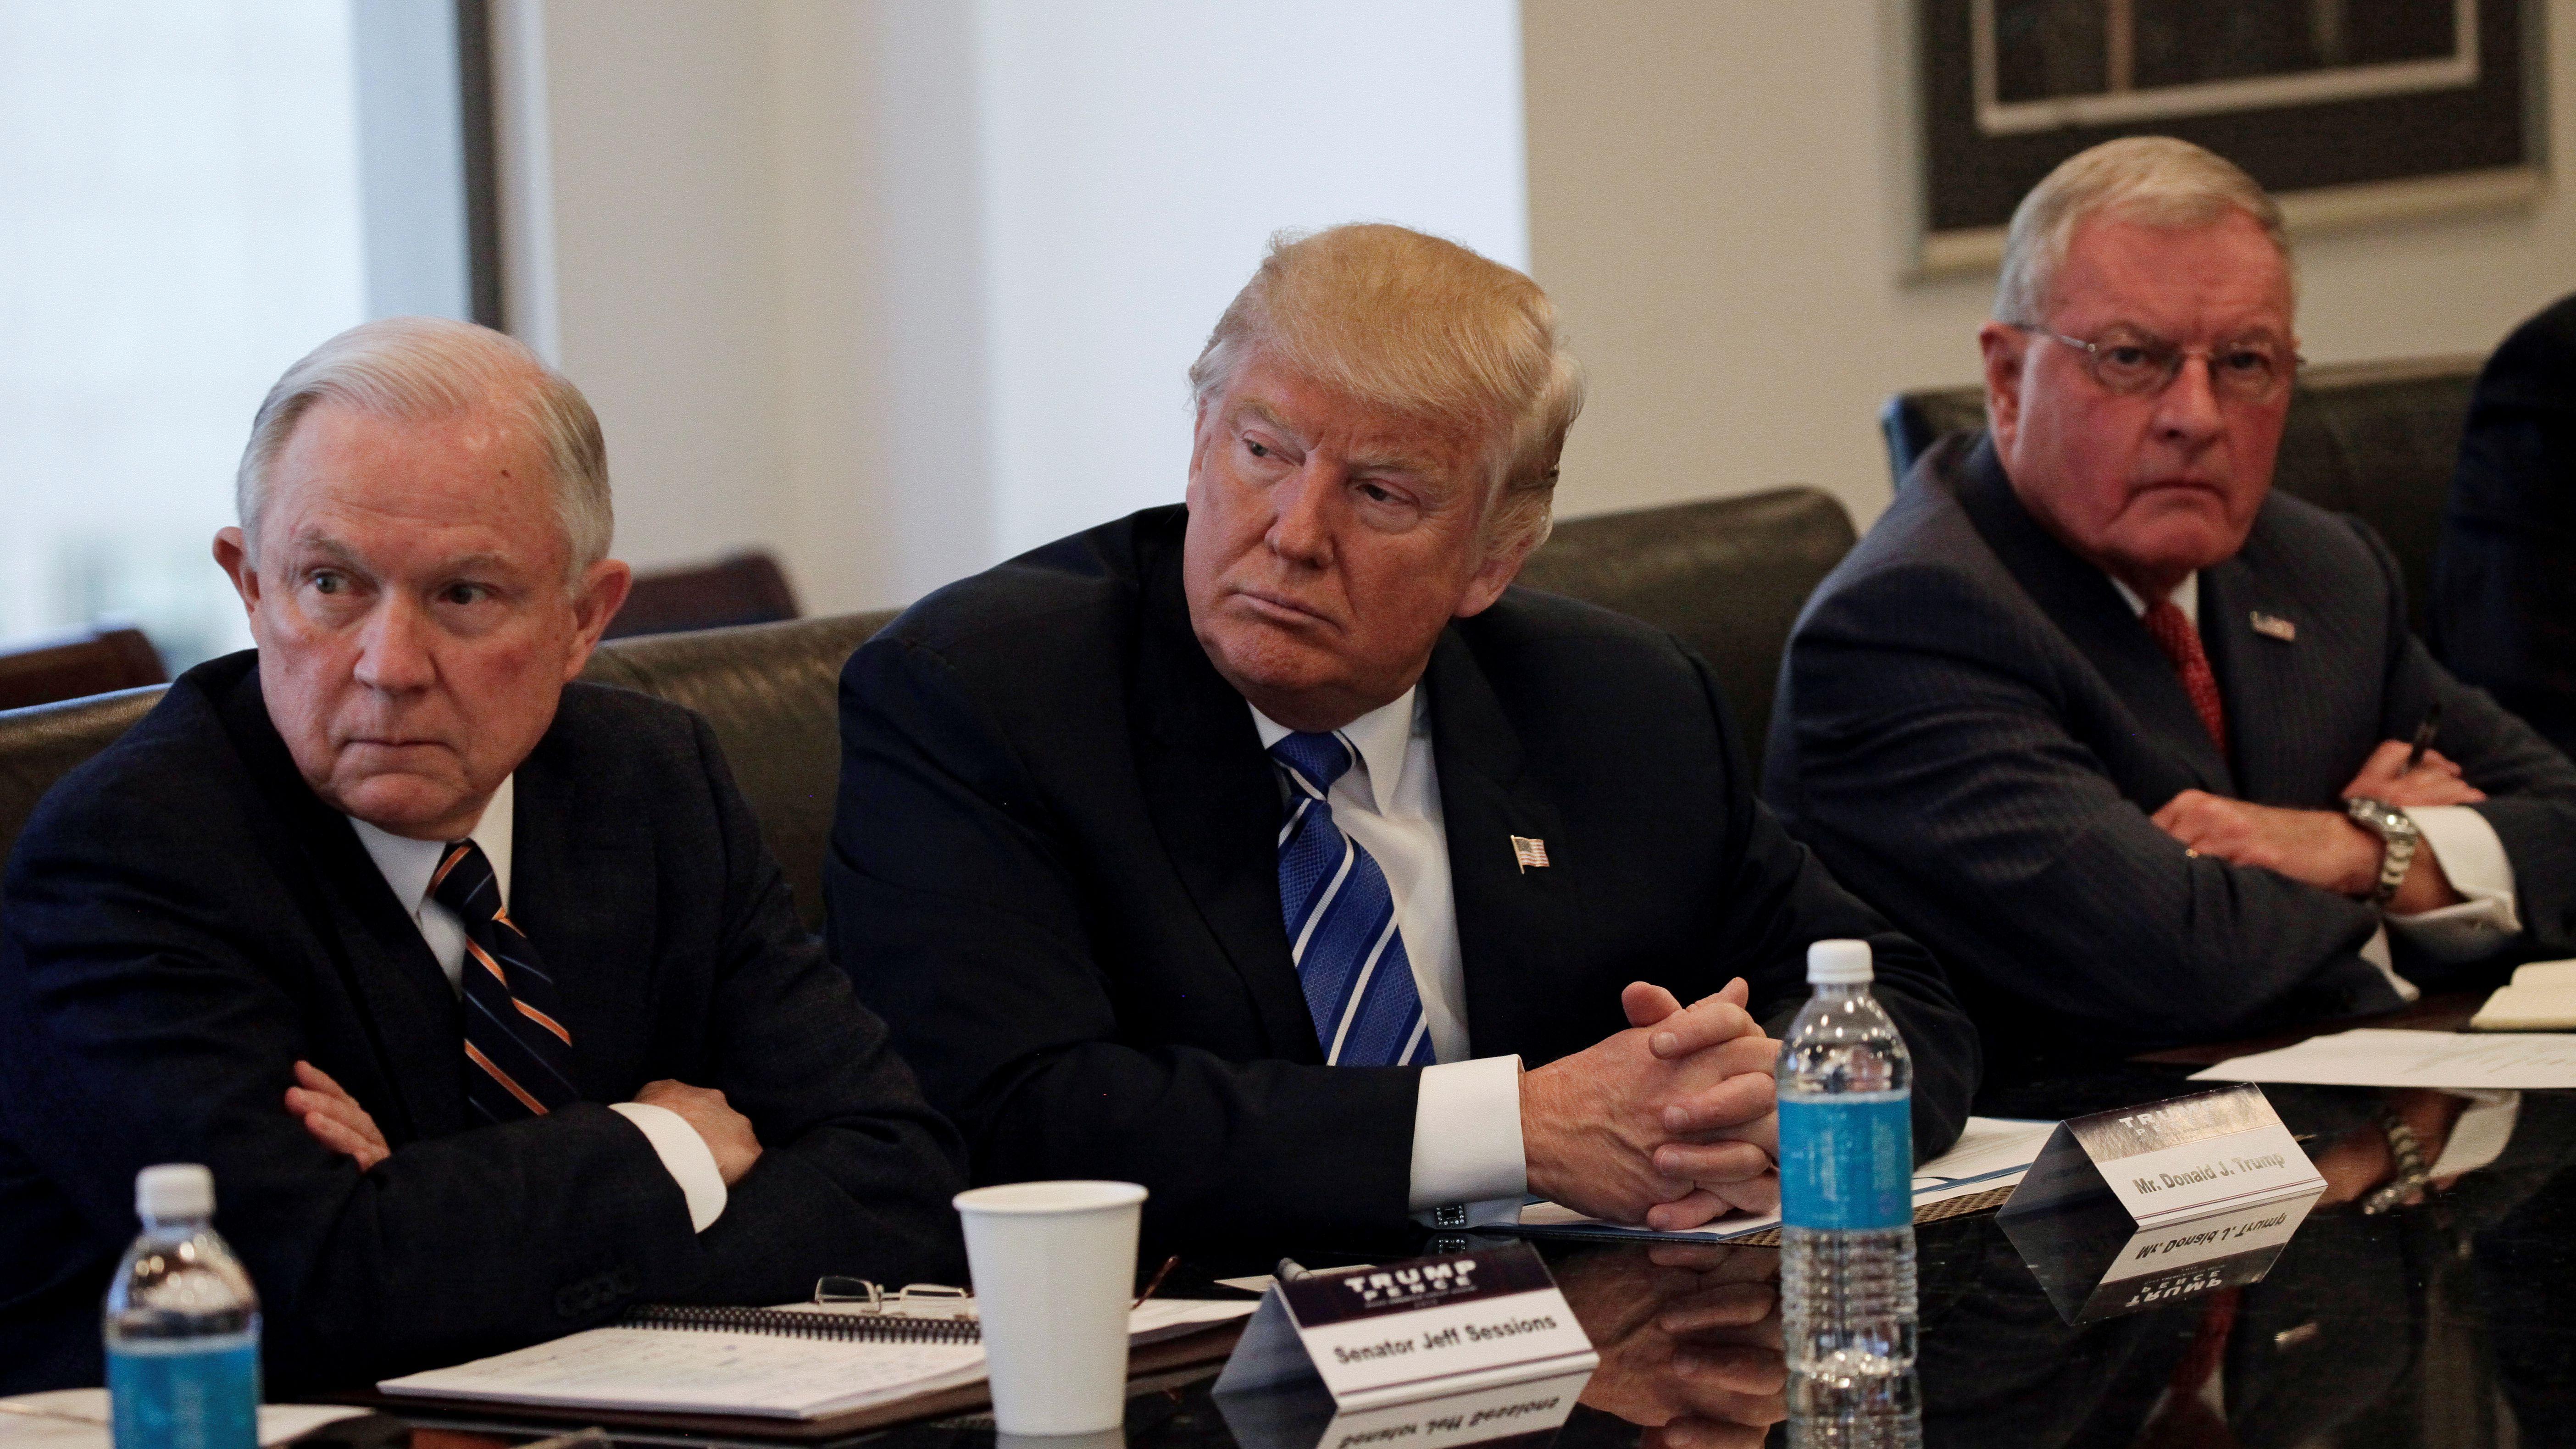 Donald Trump briefing